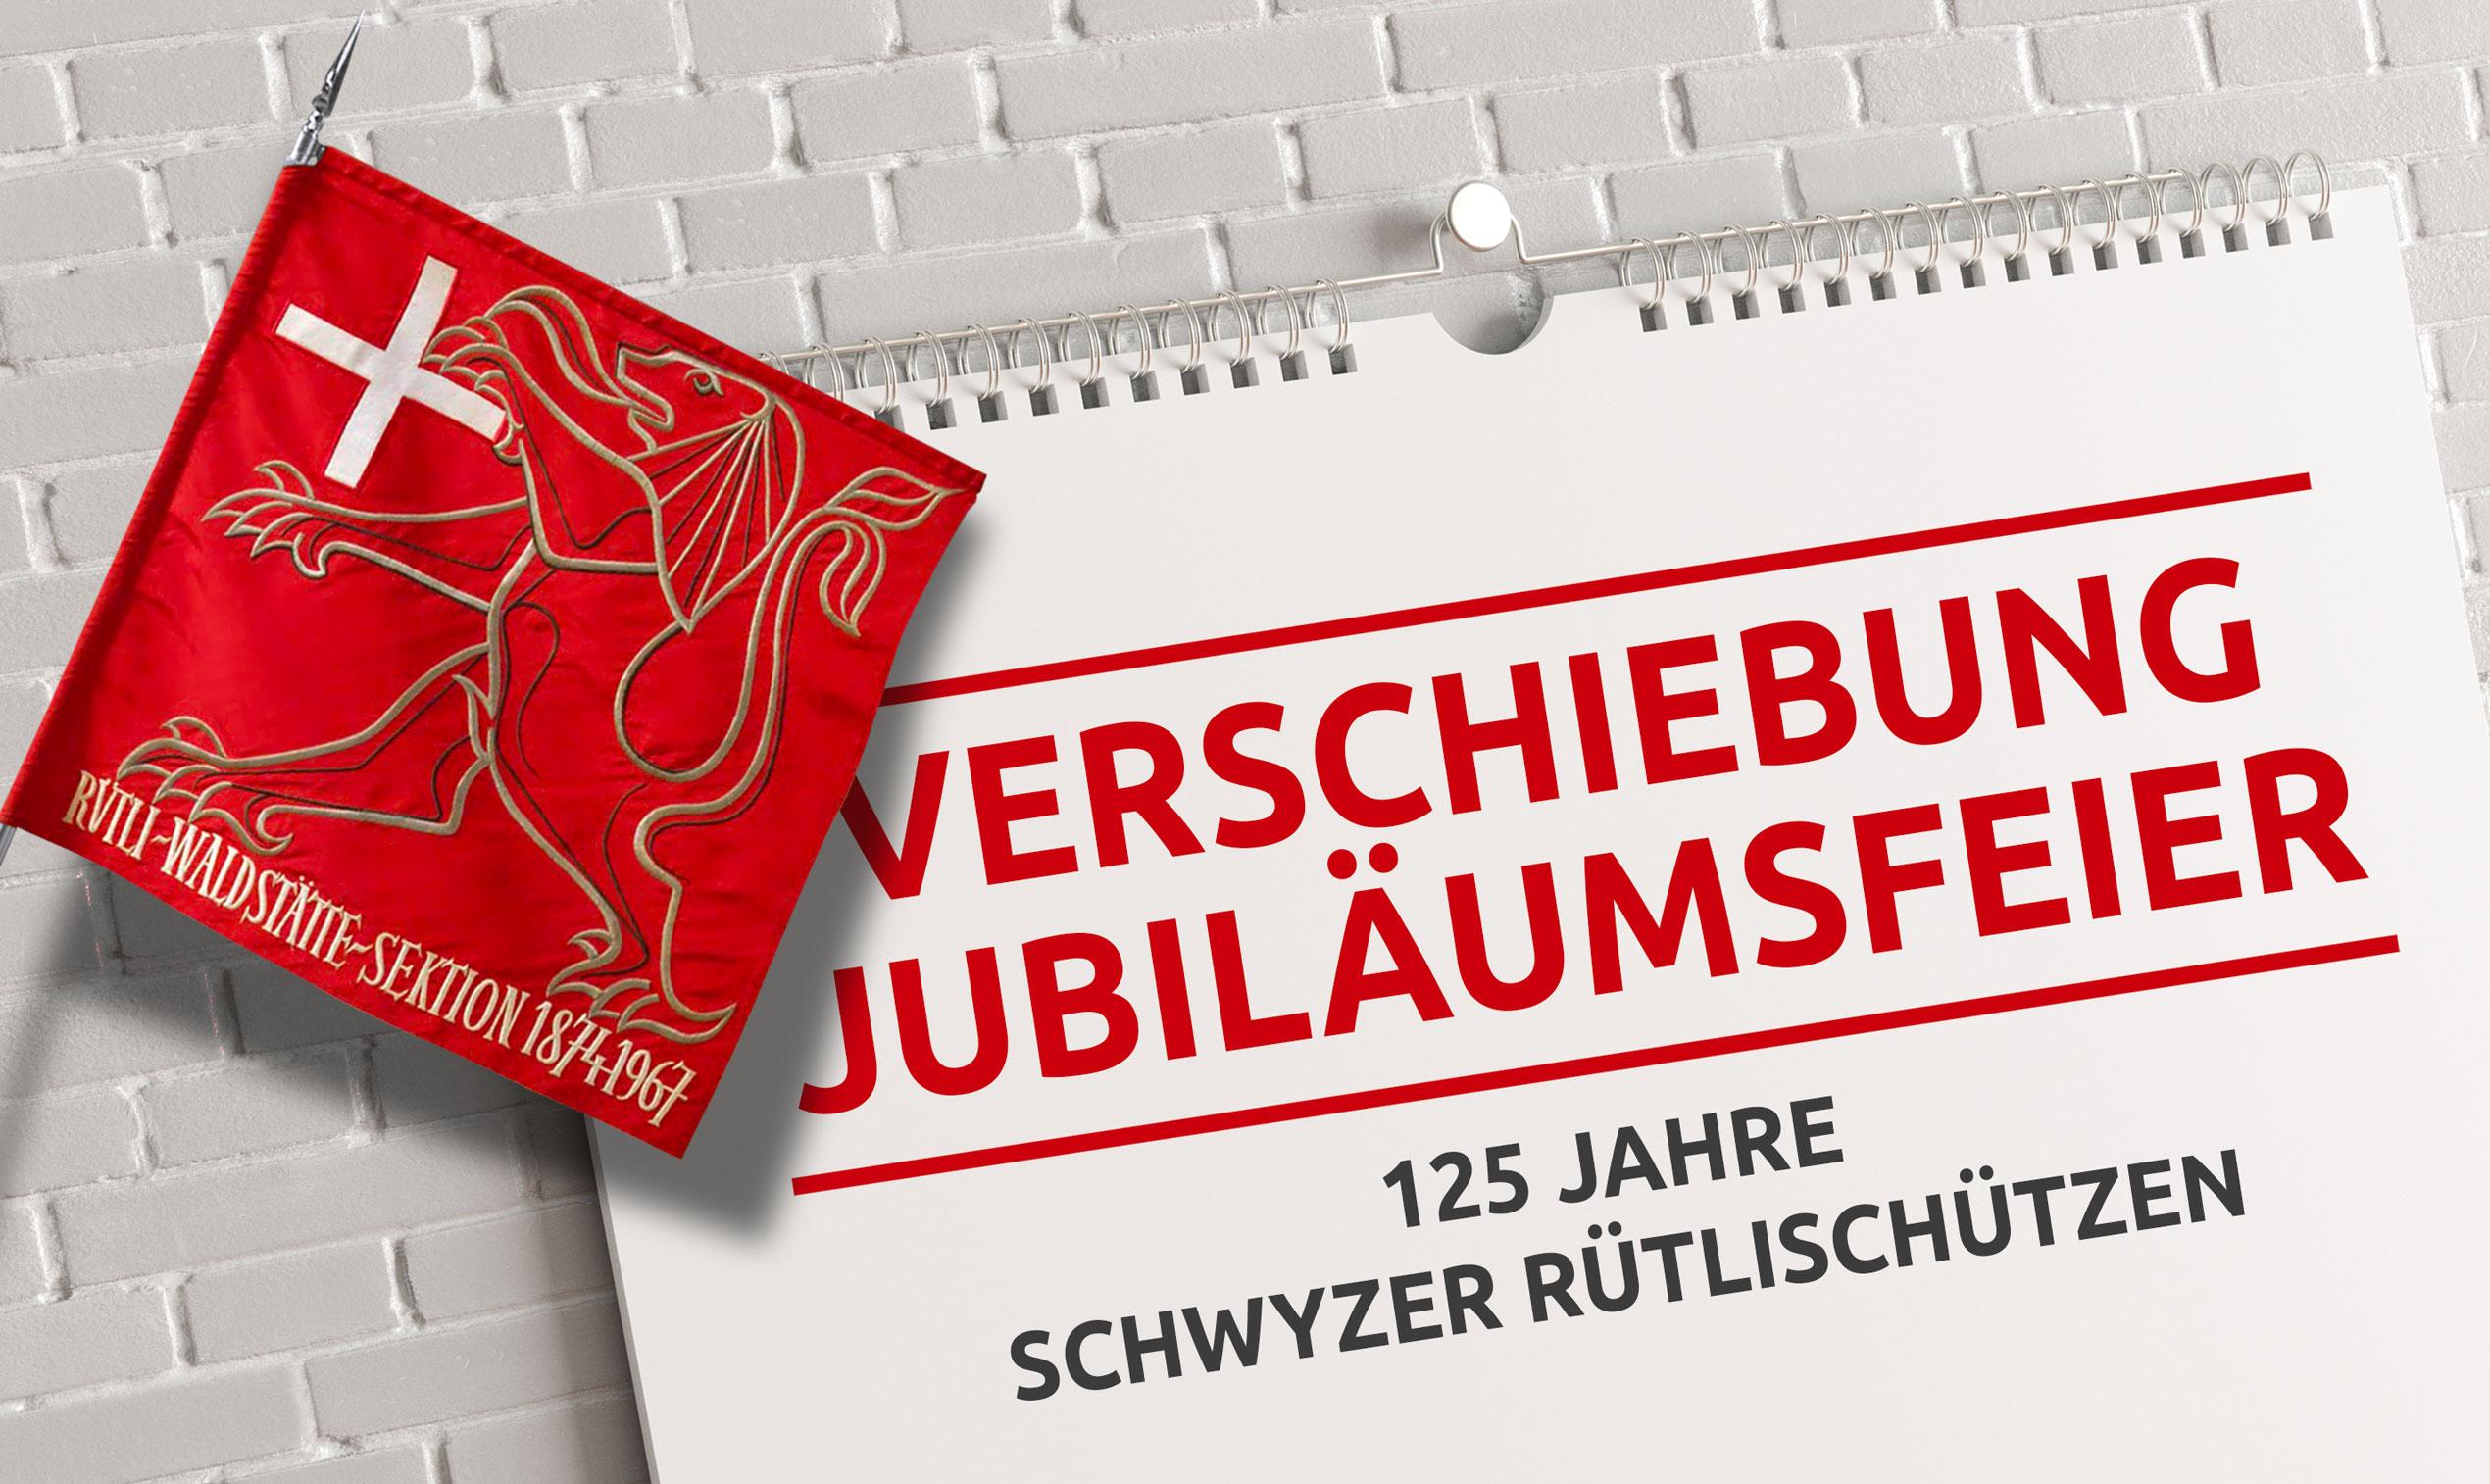 125 Jahre Schwyzer Rütlischützen – Verschiebung Jubiläumsfeier